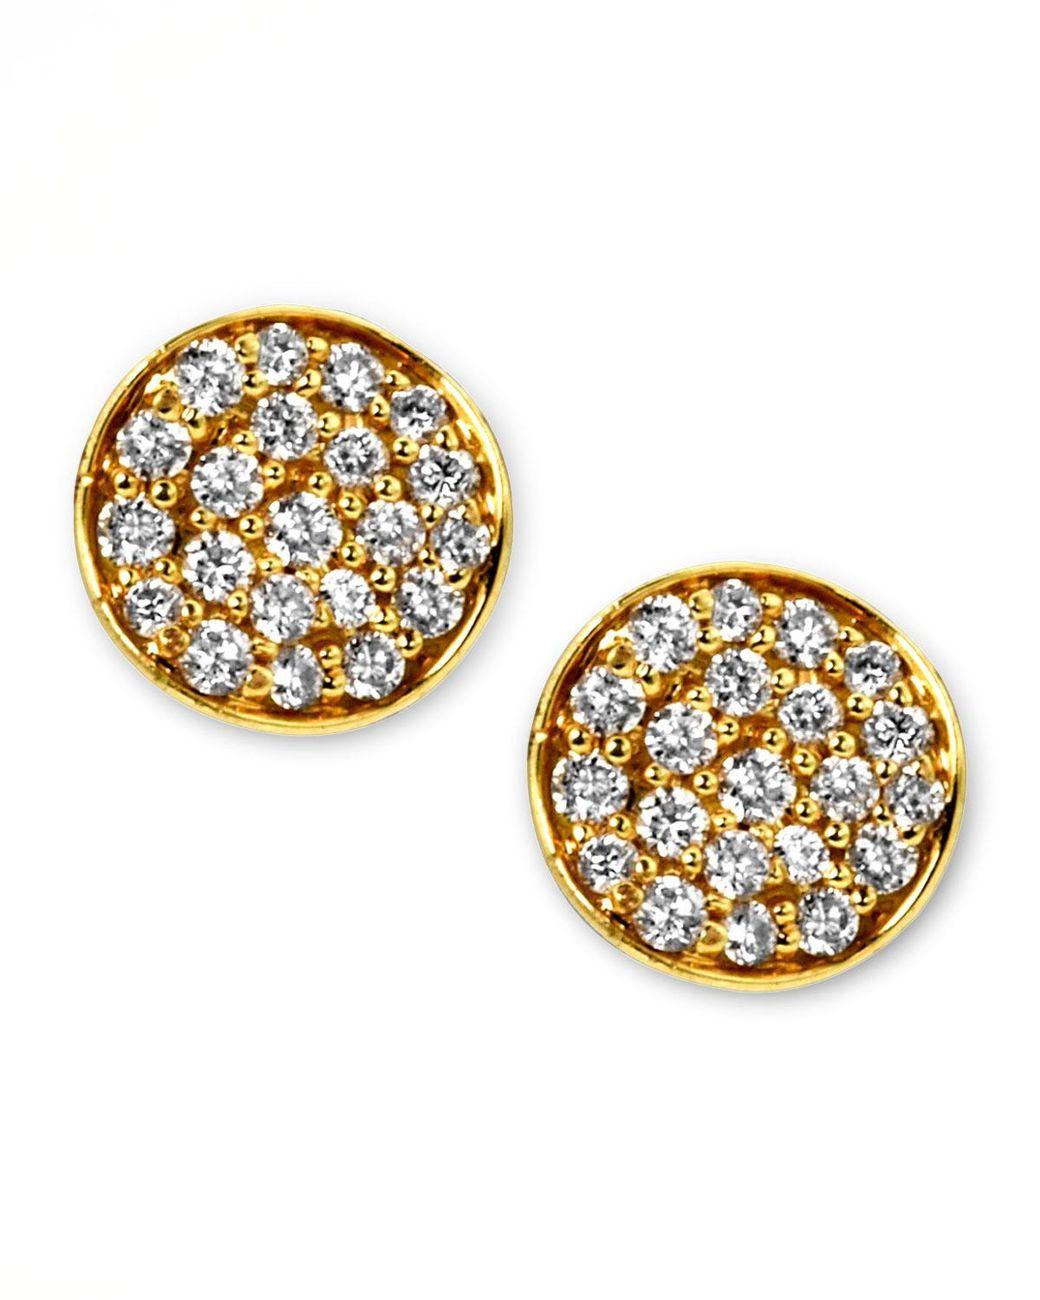 9df415f0a Lyst - Ippolita Stardust Mini Diamond Stud Earrings in Metallic ...